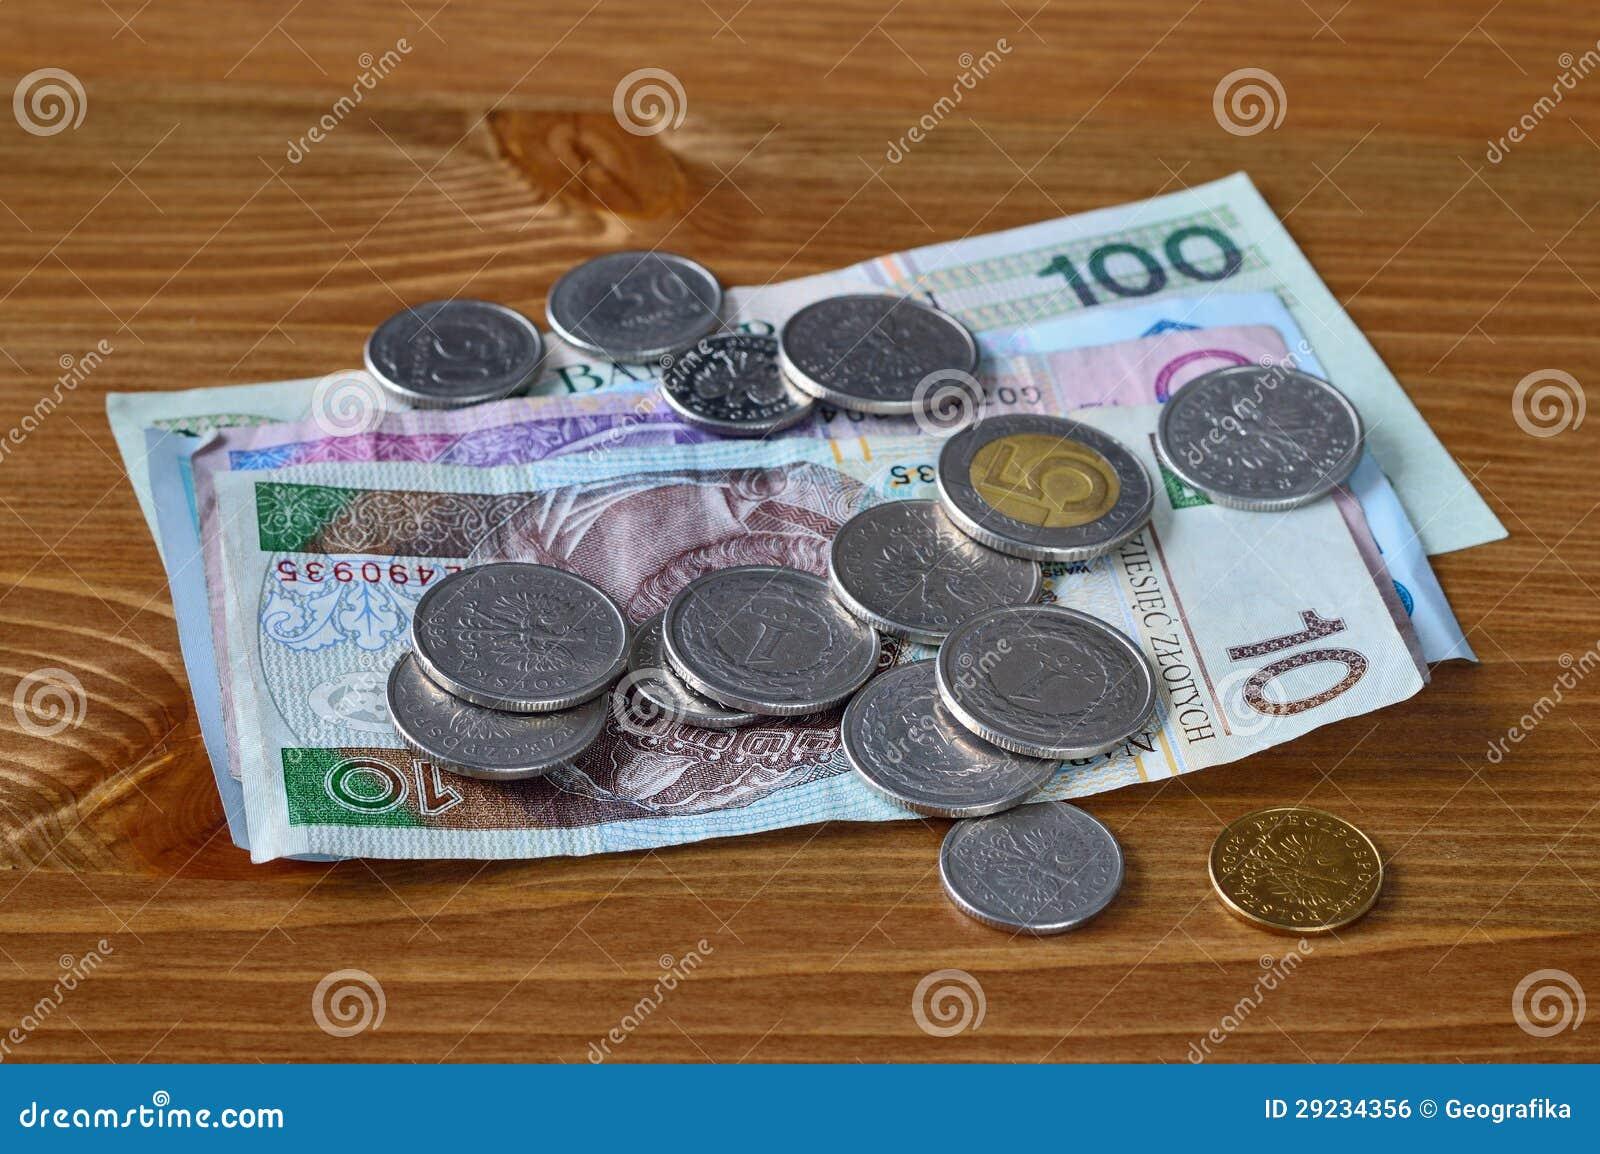 Polnisches Geld Das Auf Eine Tabelle Legt Pln Banknoten Und Münzen